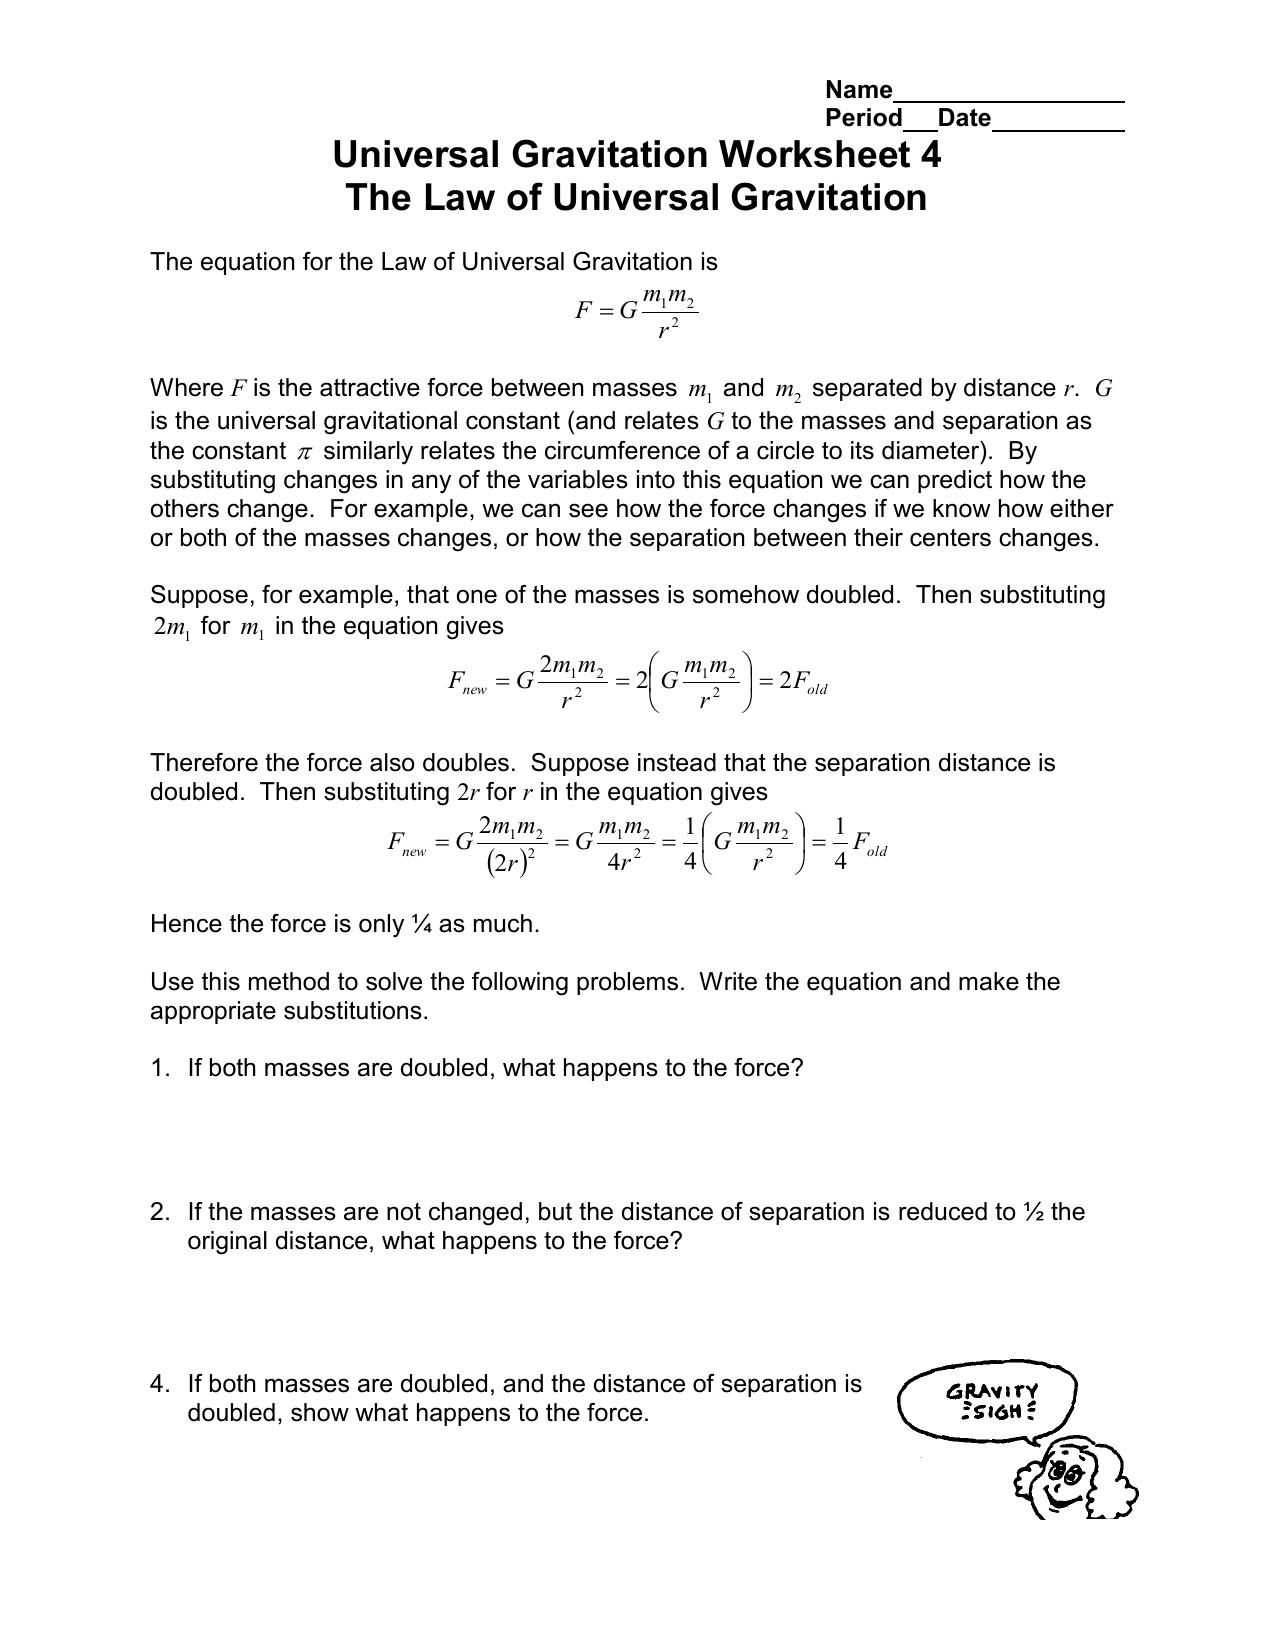 law of universal gravitation worksheet the best and most comprehensive worksheets. Black Bedroom Furniture Sets. Home Design Ideas